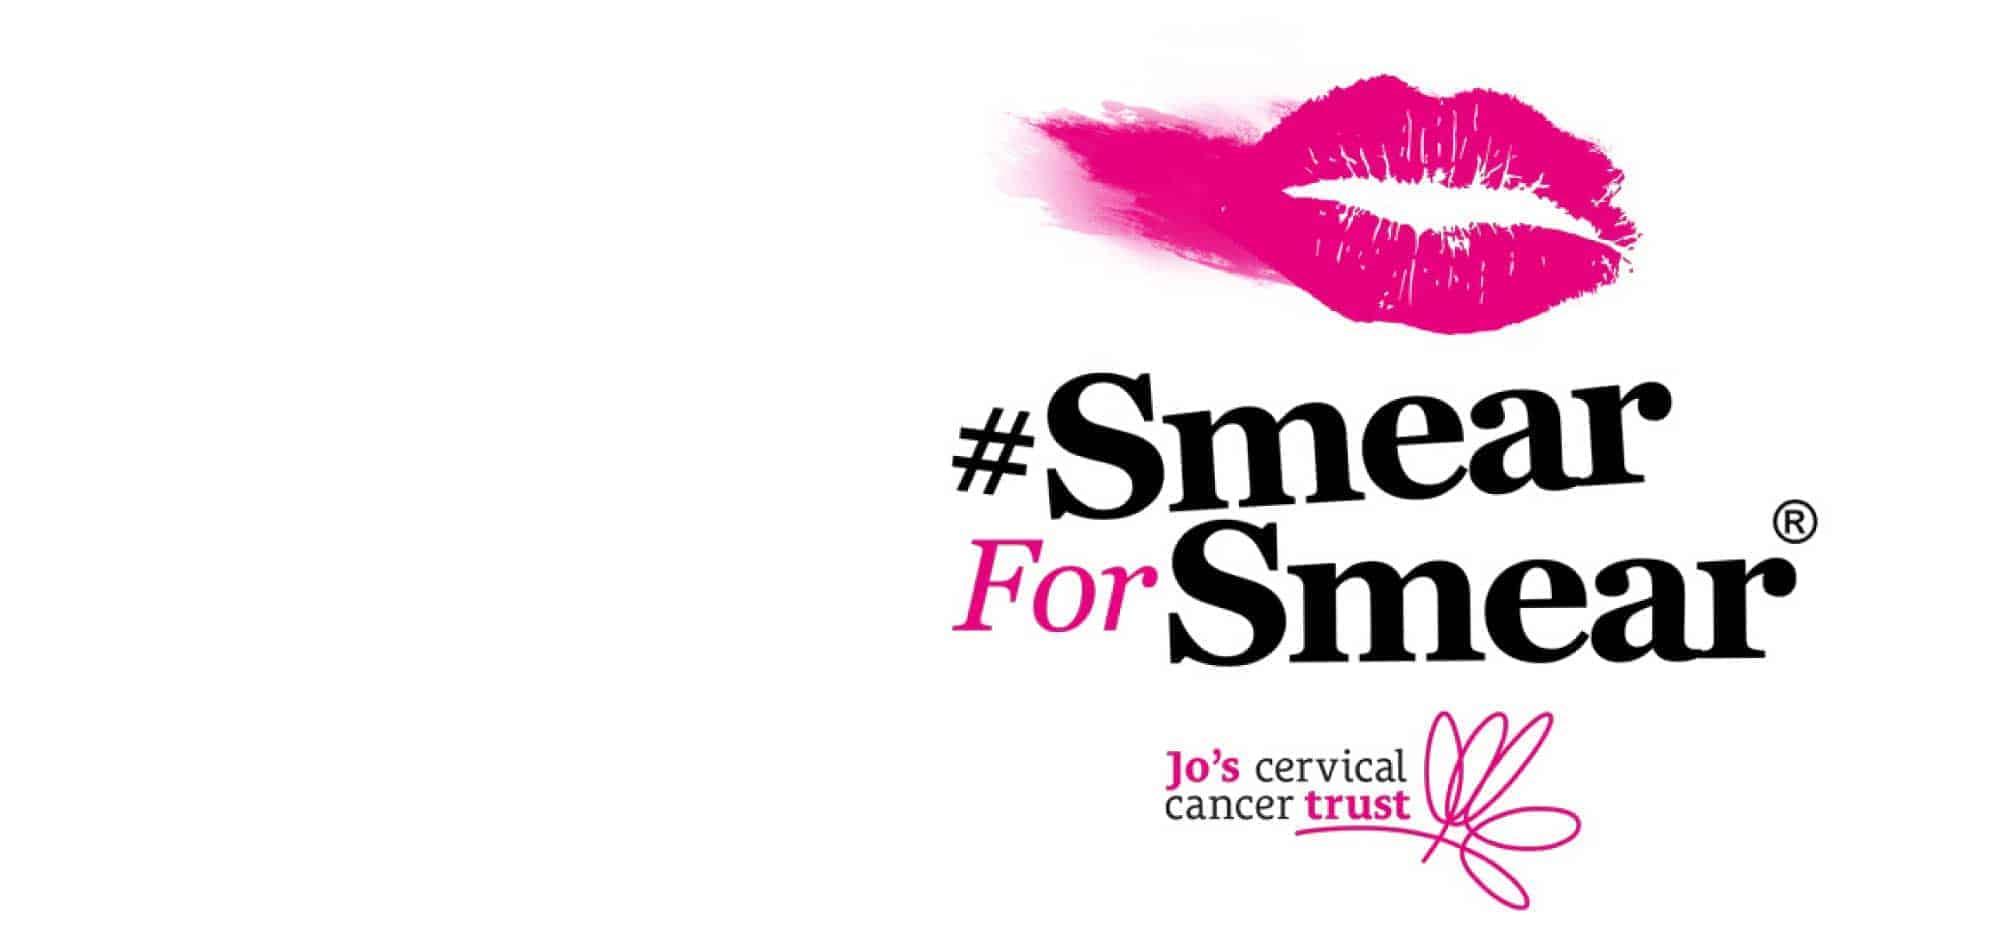 Cervical Cancer Prevention Week 2018 - National Awareness ...